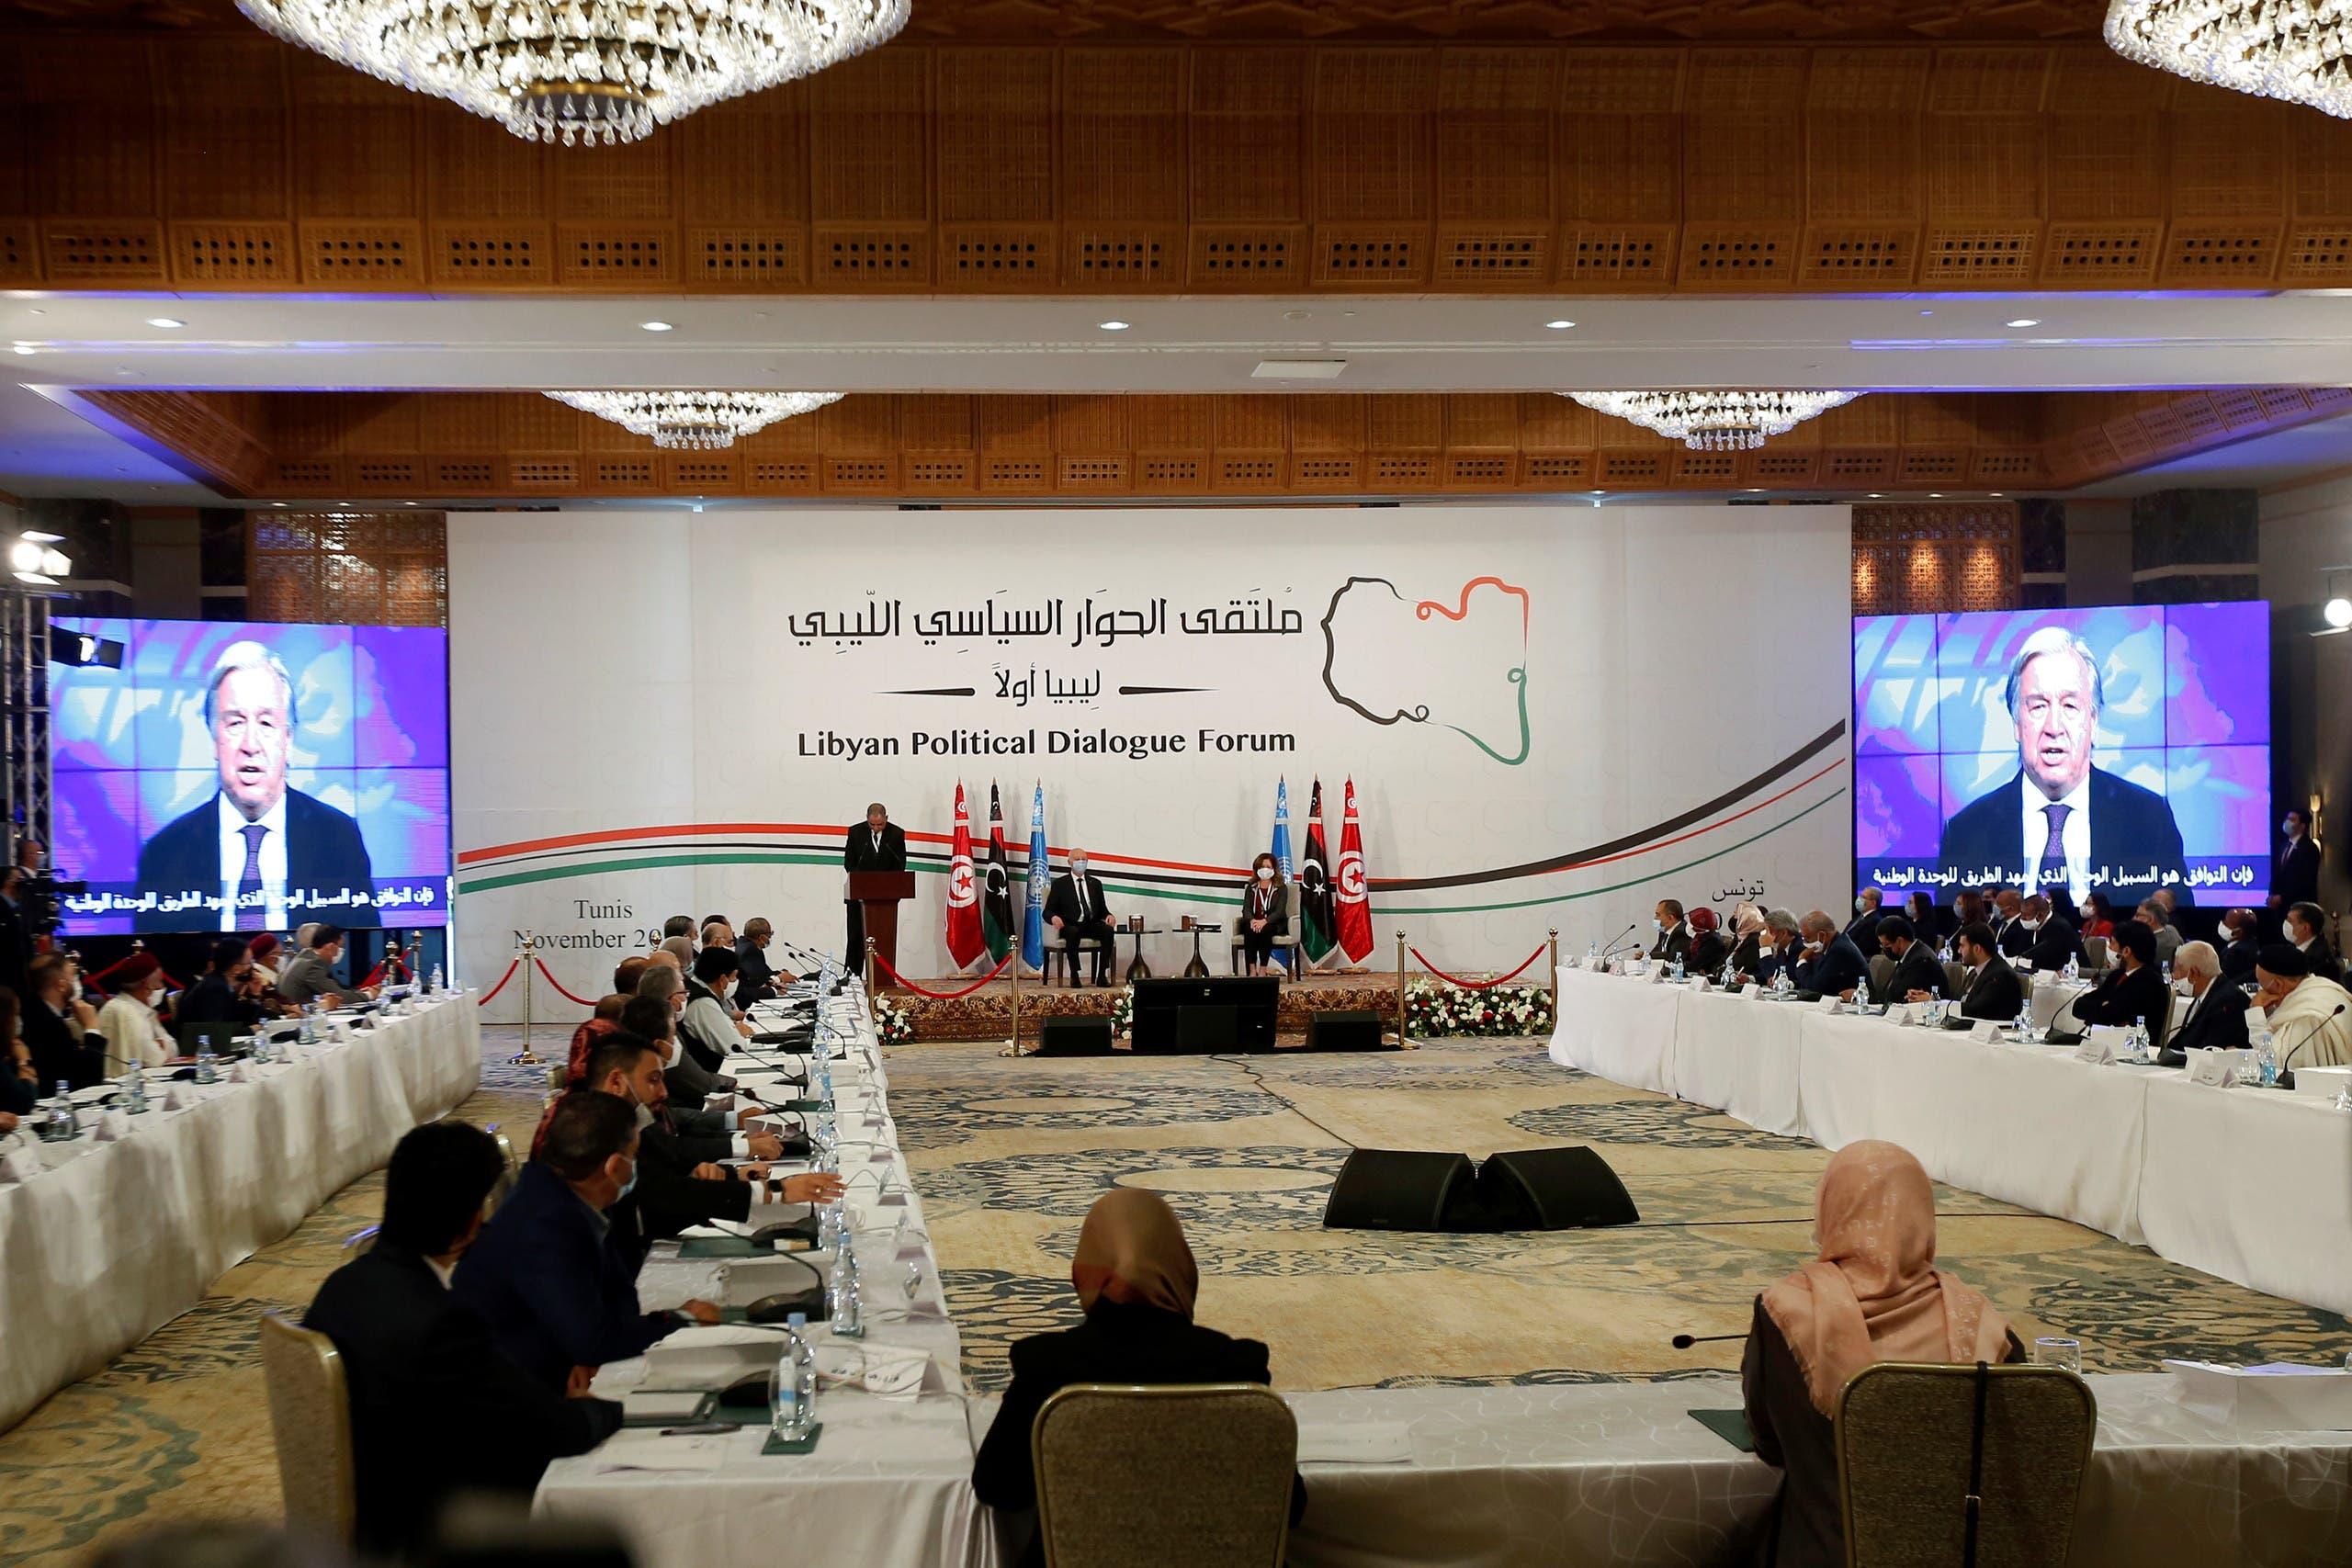 من انطلاق الحوار الليبي في تونس الأسبوع الماضي